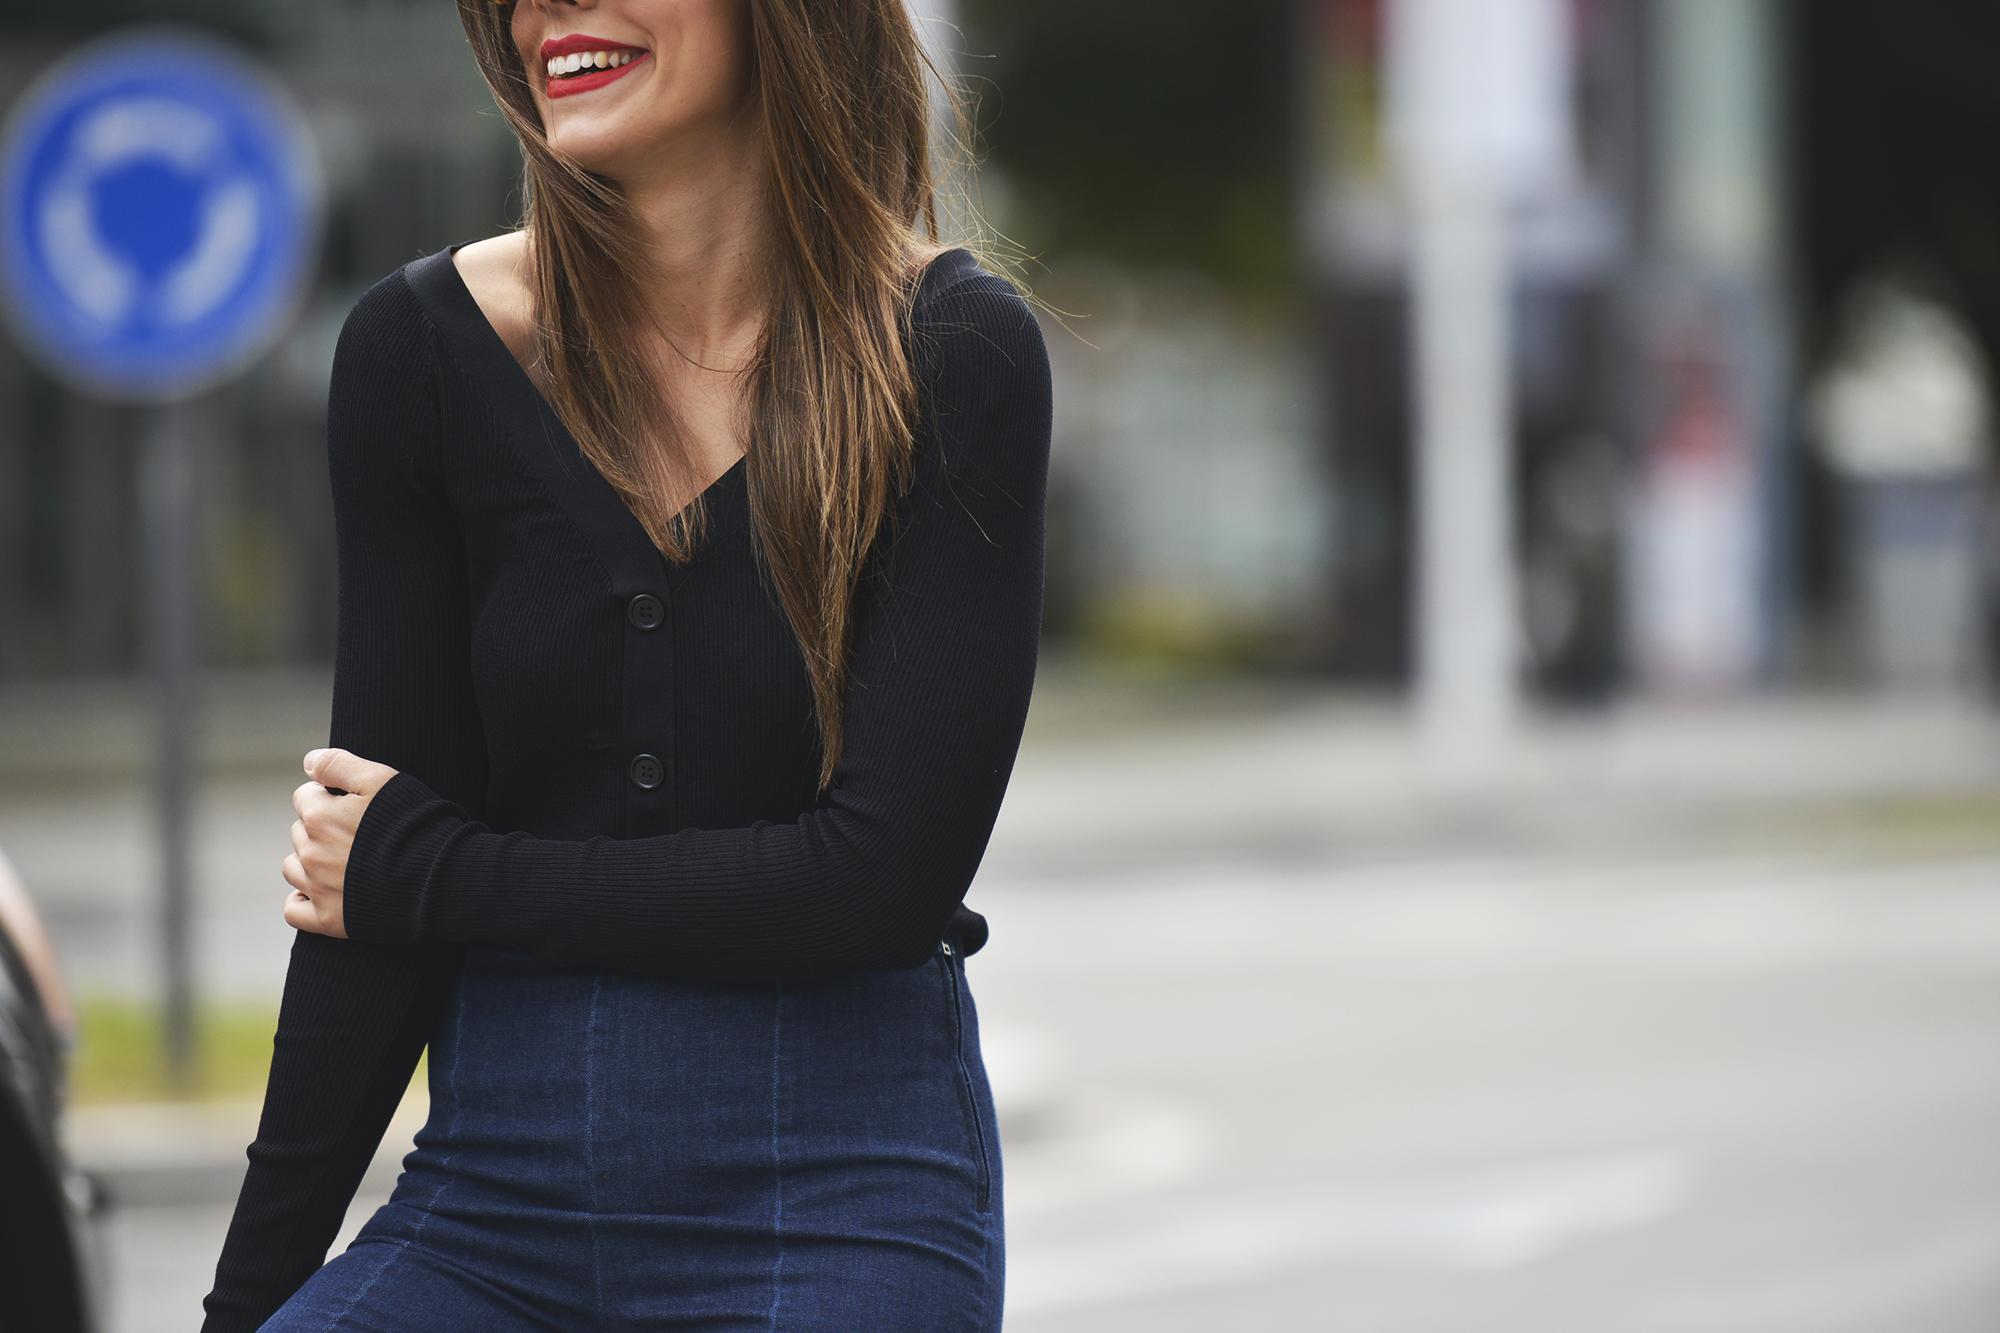 Fare asymmetric jeans